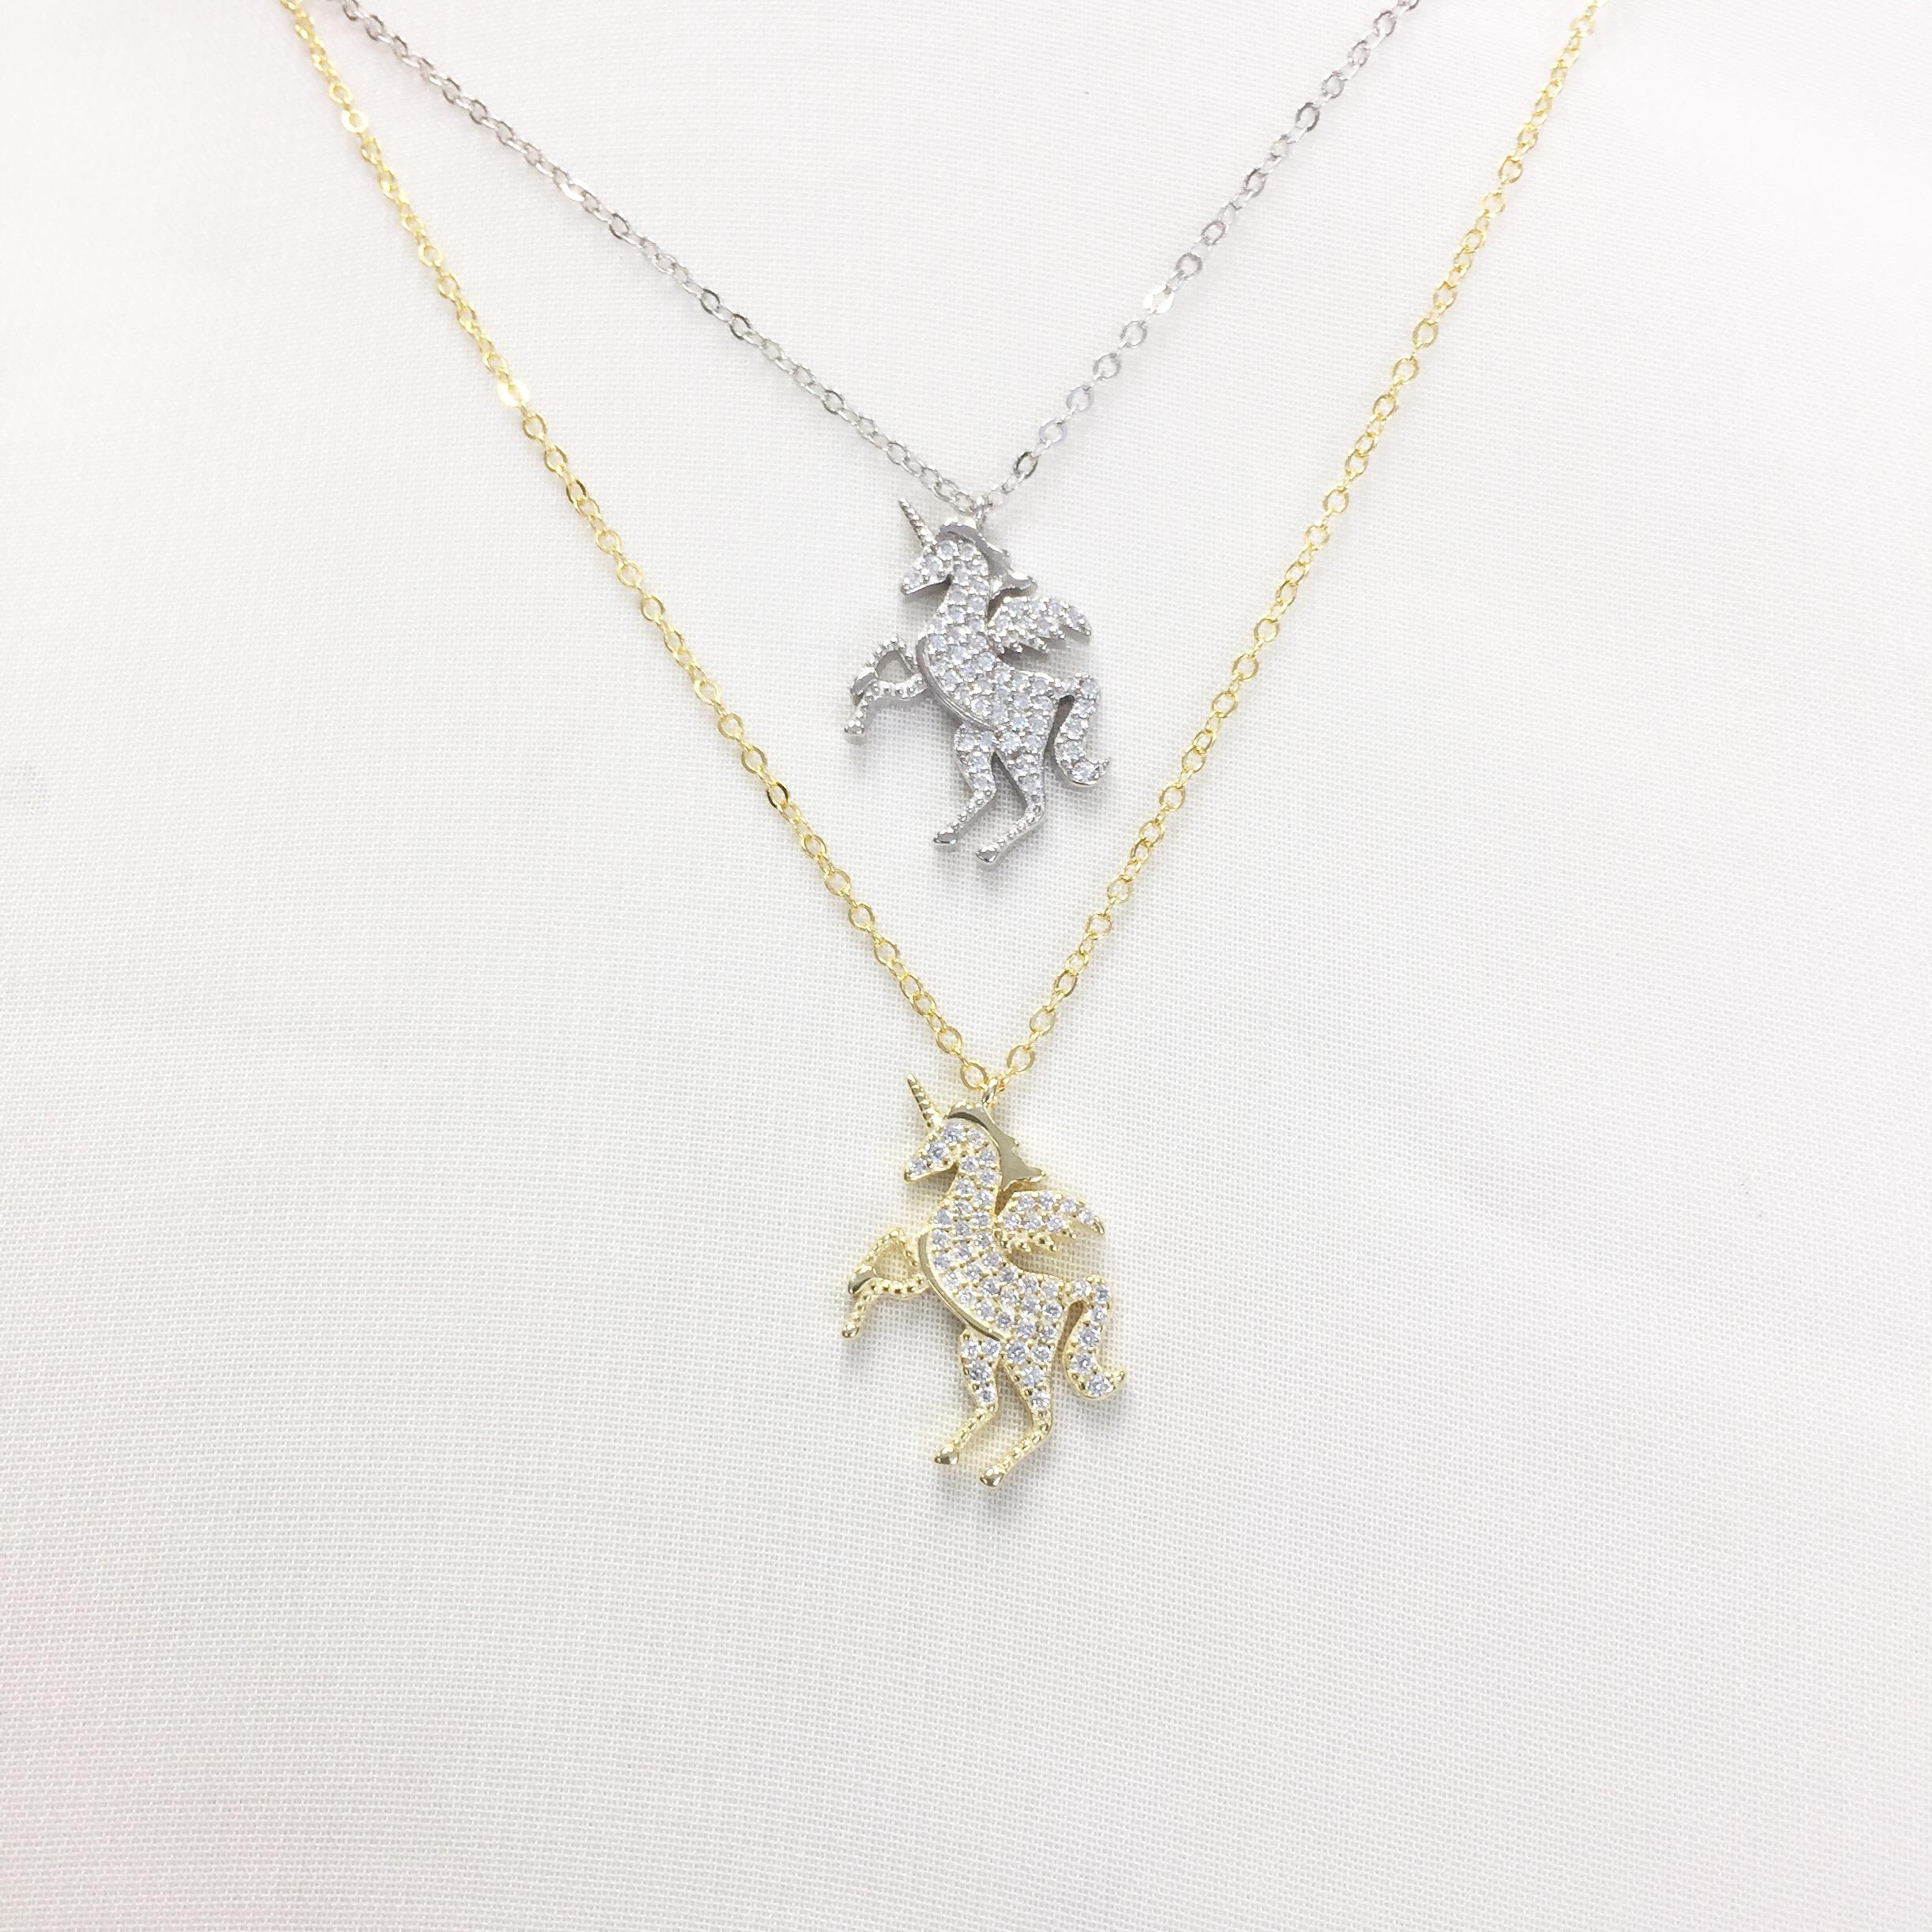 纯银饰品定制的材质分类有哪些